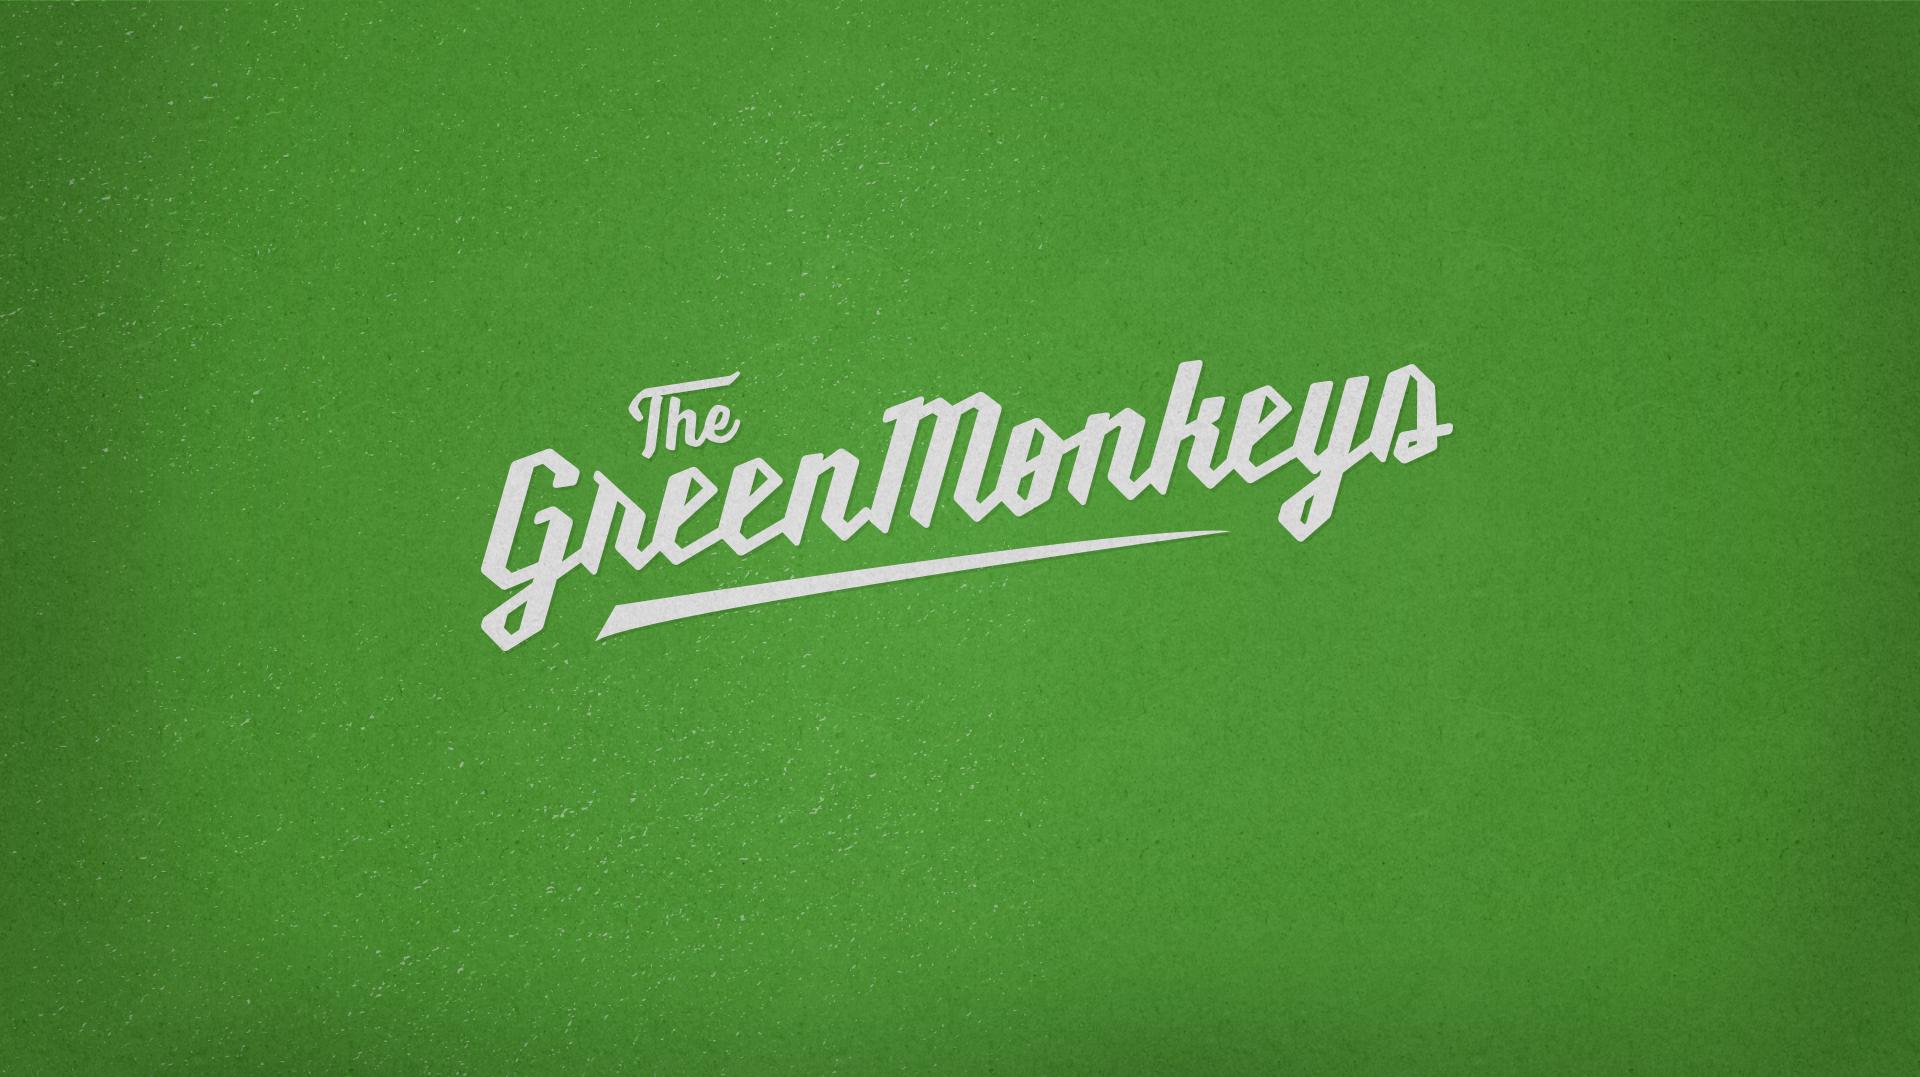 THE GREENMONKEYS